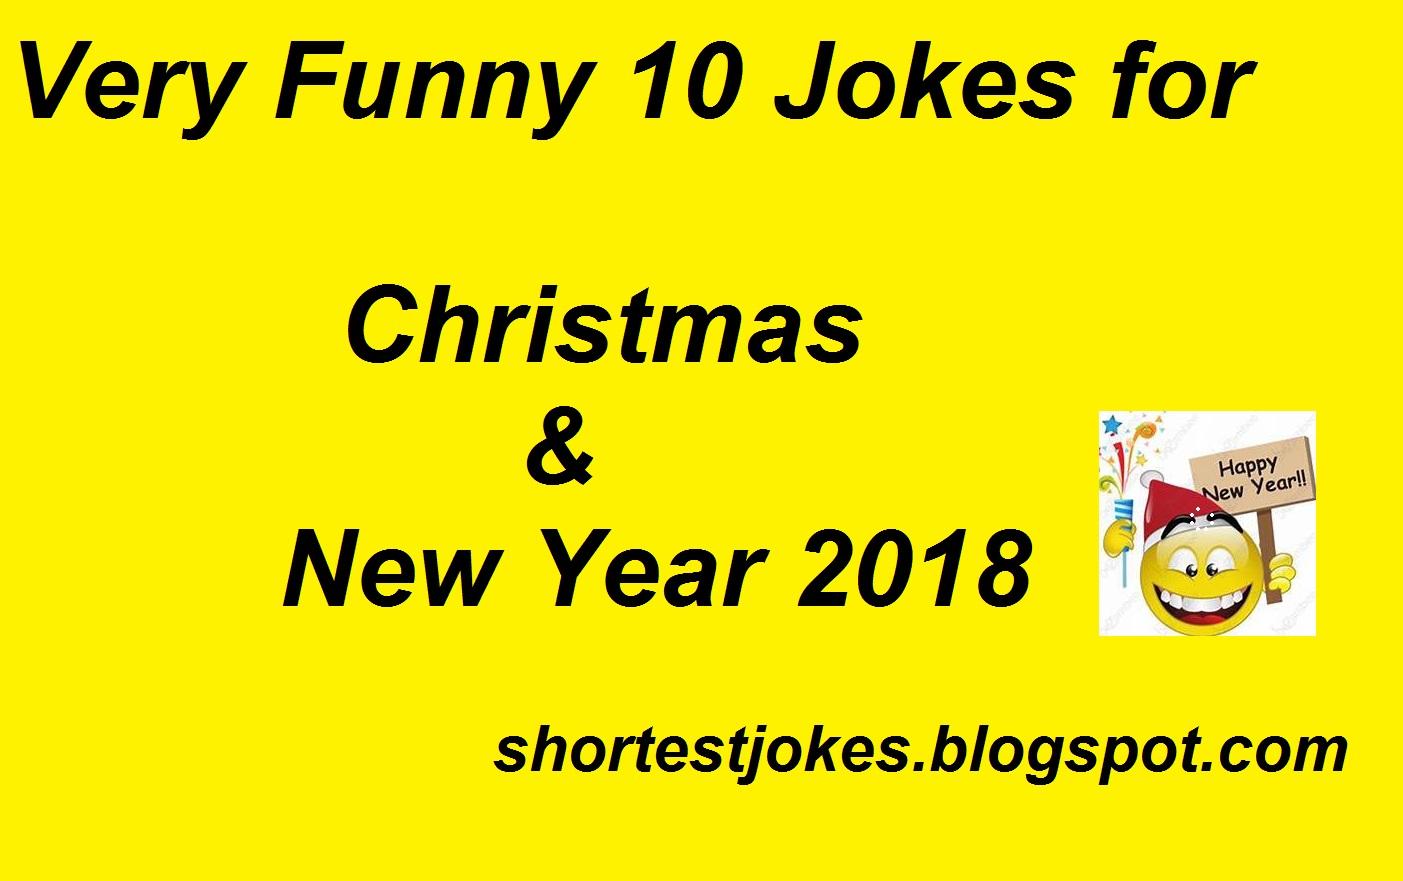 jokes to make a woman laugh